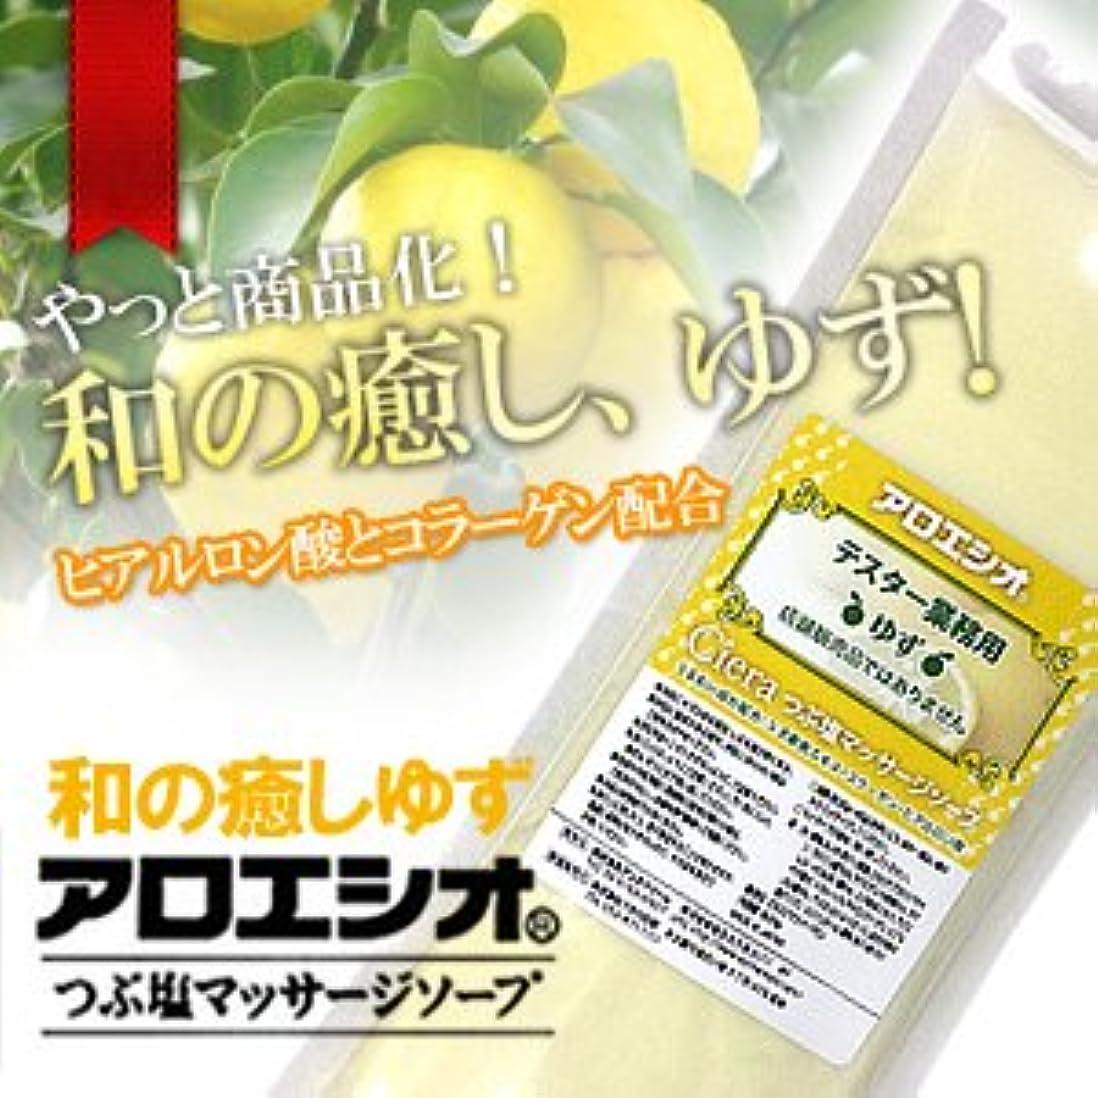 スライムやめるスパイゆず アロエ塩 800g つぶ塩マッサージソープ/フタバ化学 アロエシオ